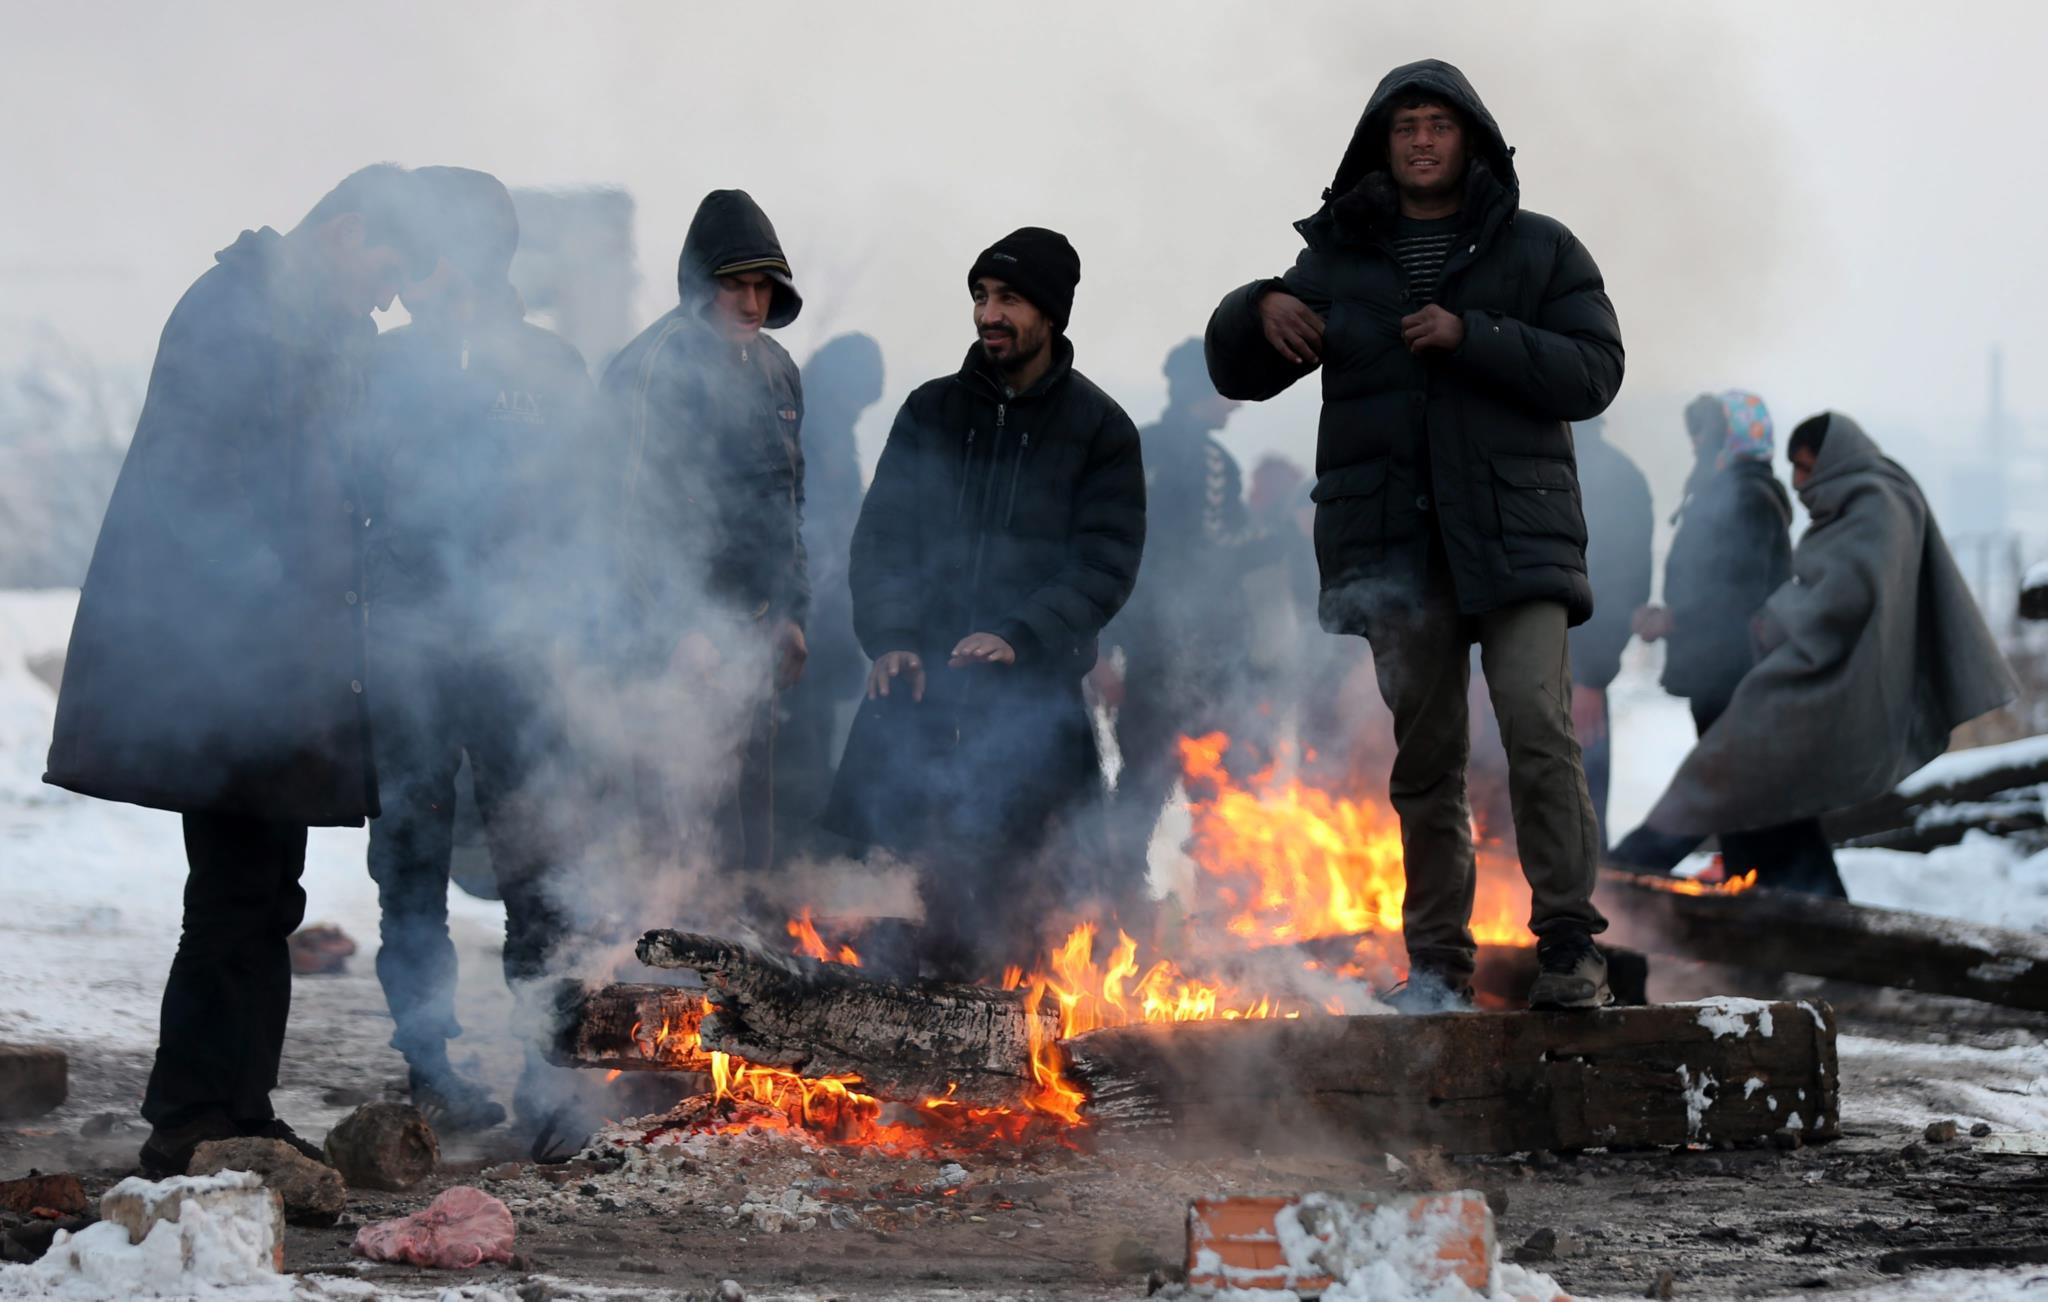 PÚBLICO - Federica Mogherini não considera a Rússia uma ameaça e isso é um problema